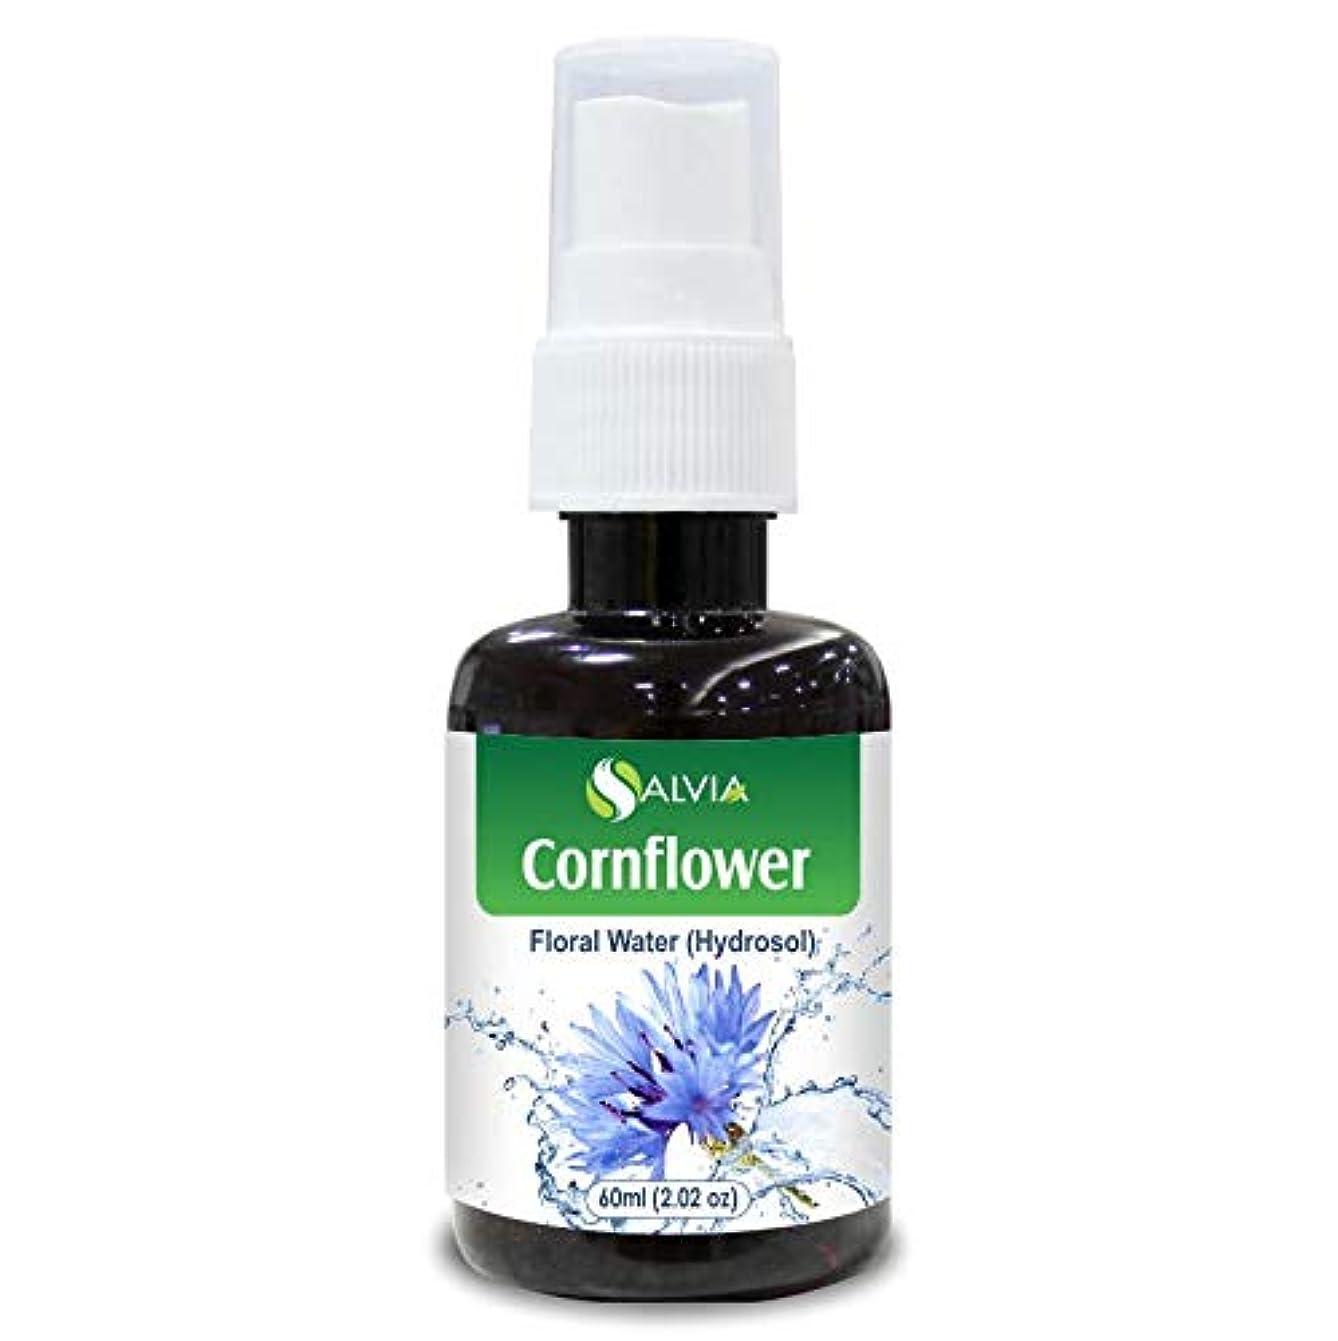 かご唇不規則なCornflower Floral Water 60ml (Hydrosol) 100% Pure And Natural